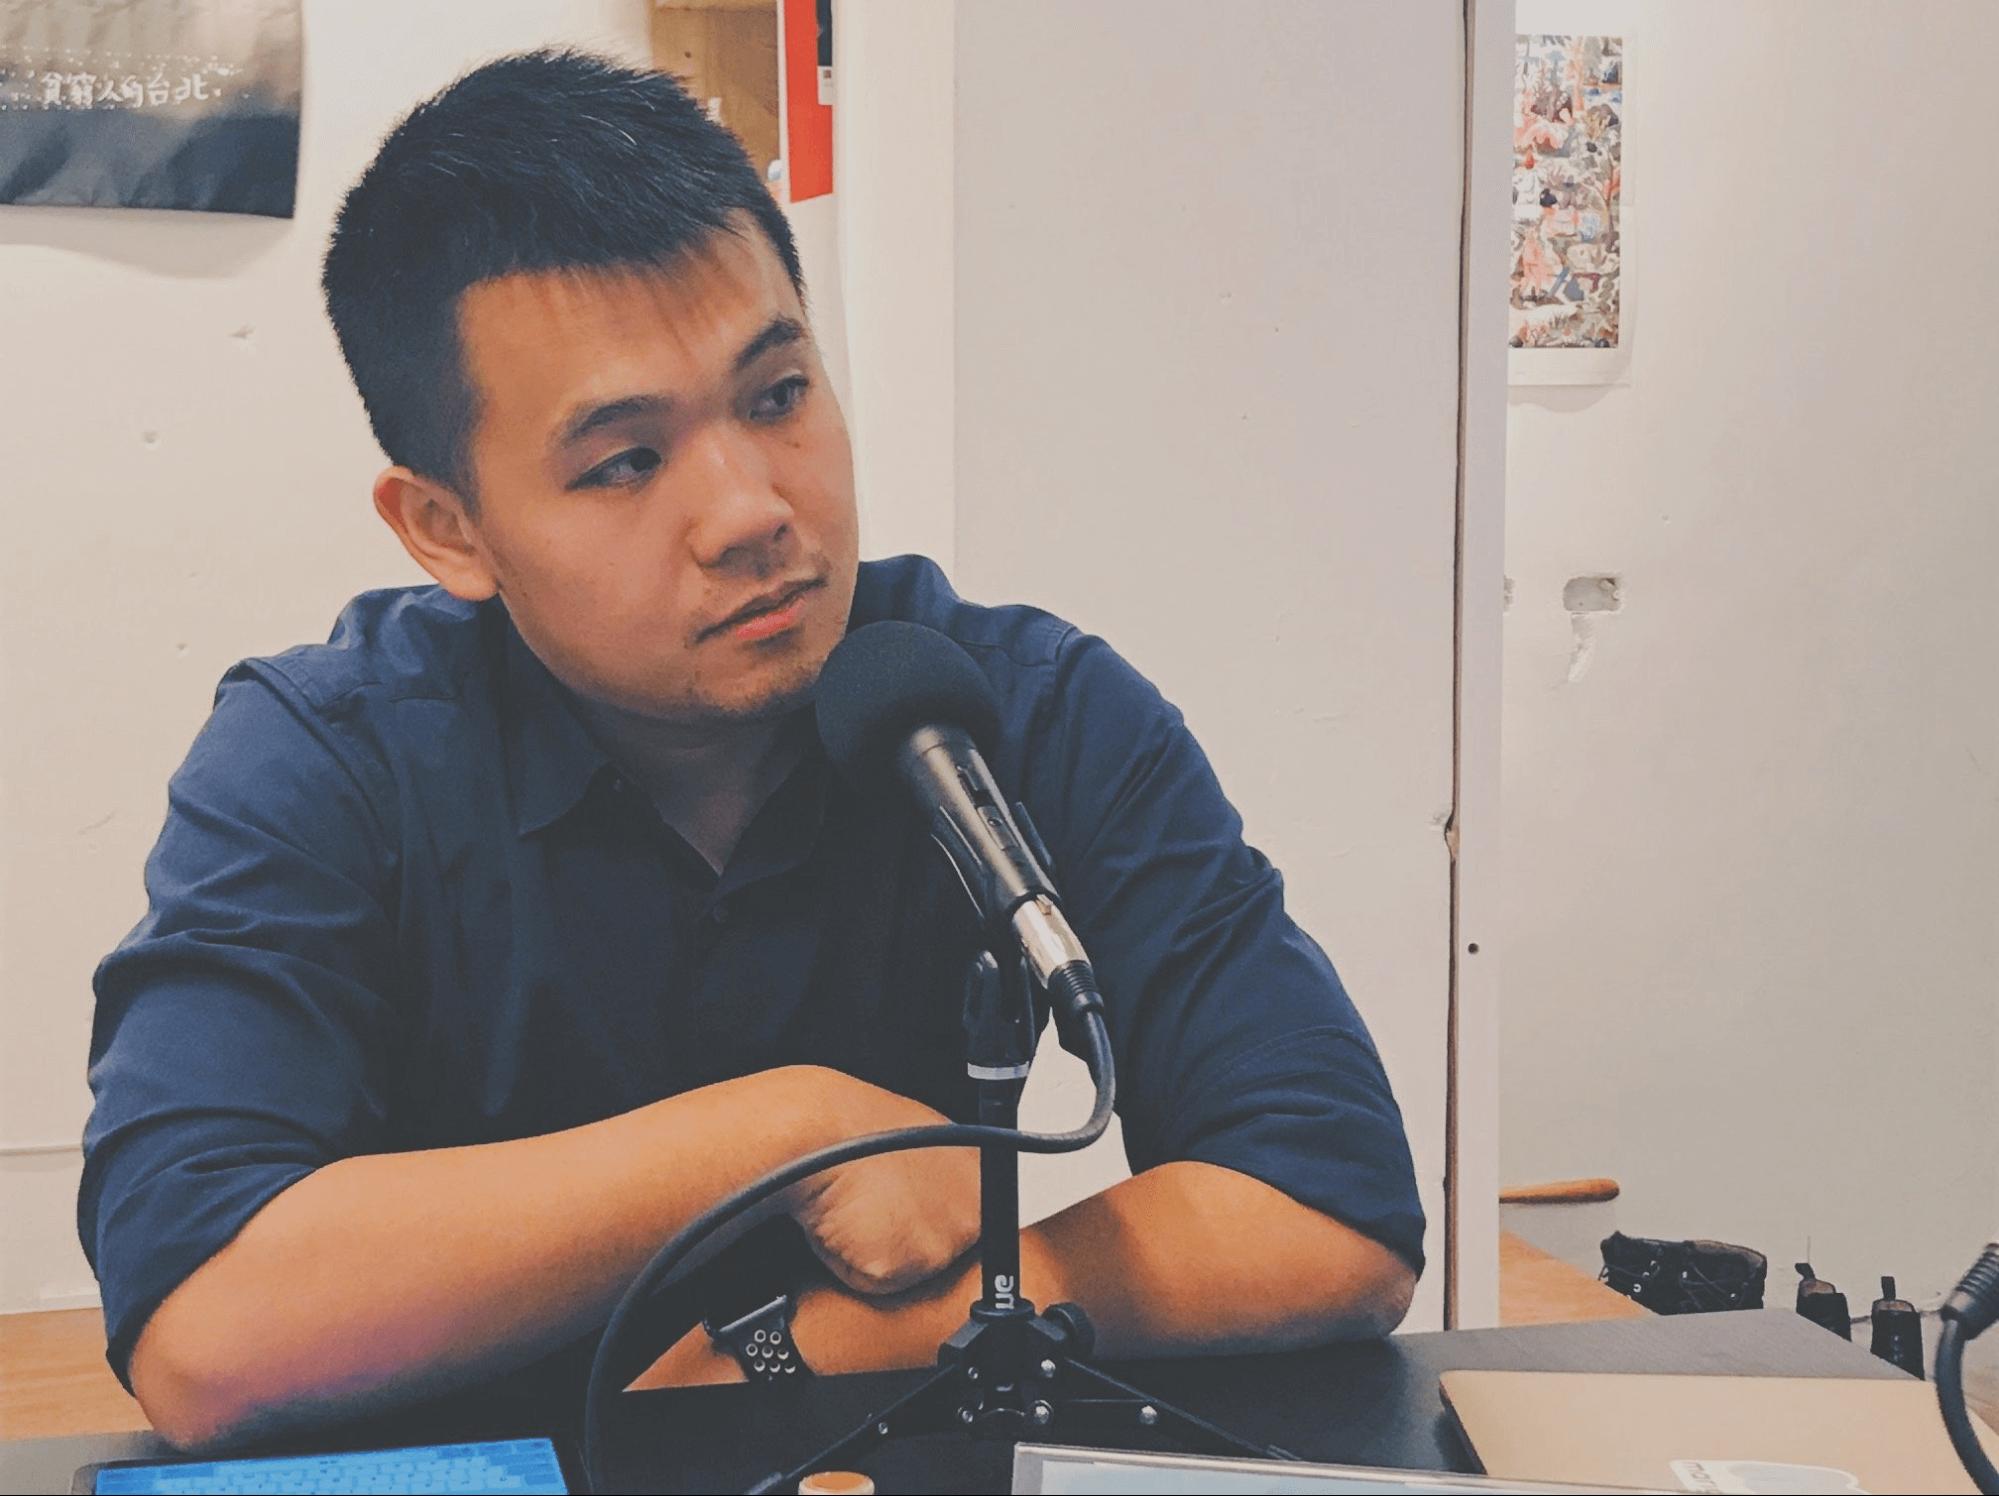 法律白話文運動的站長也是法克電台的主持人:楊貴志(法律白話文運動)